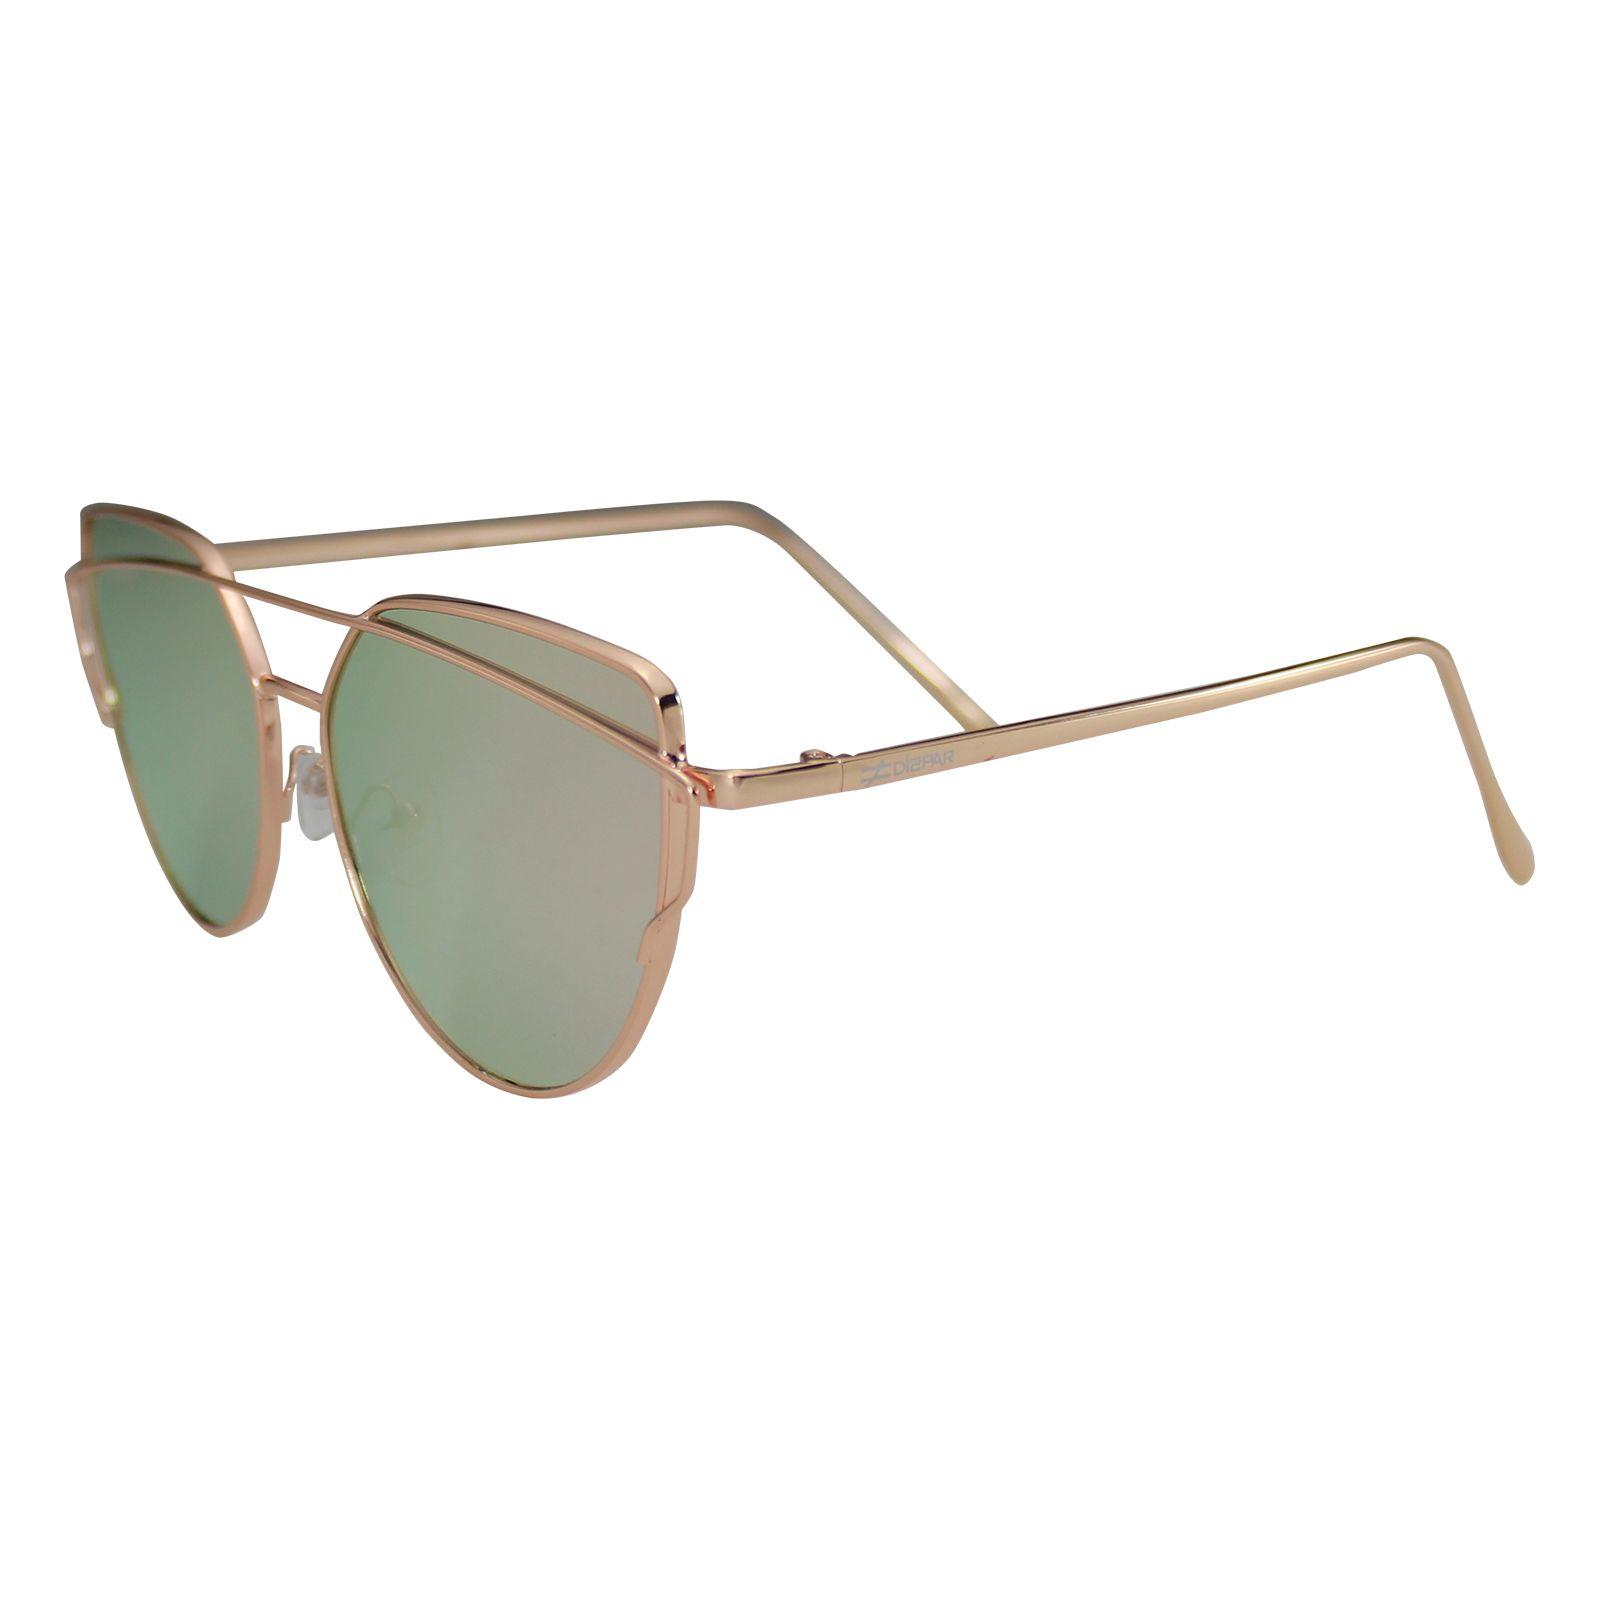 3e0b0e068dfe3 Óculos De Sol Díspar D1850 Rosê - Díspar Style ...